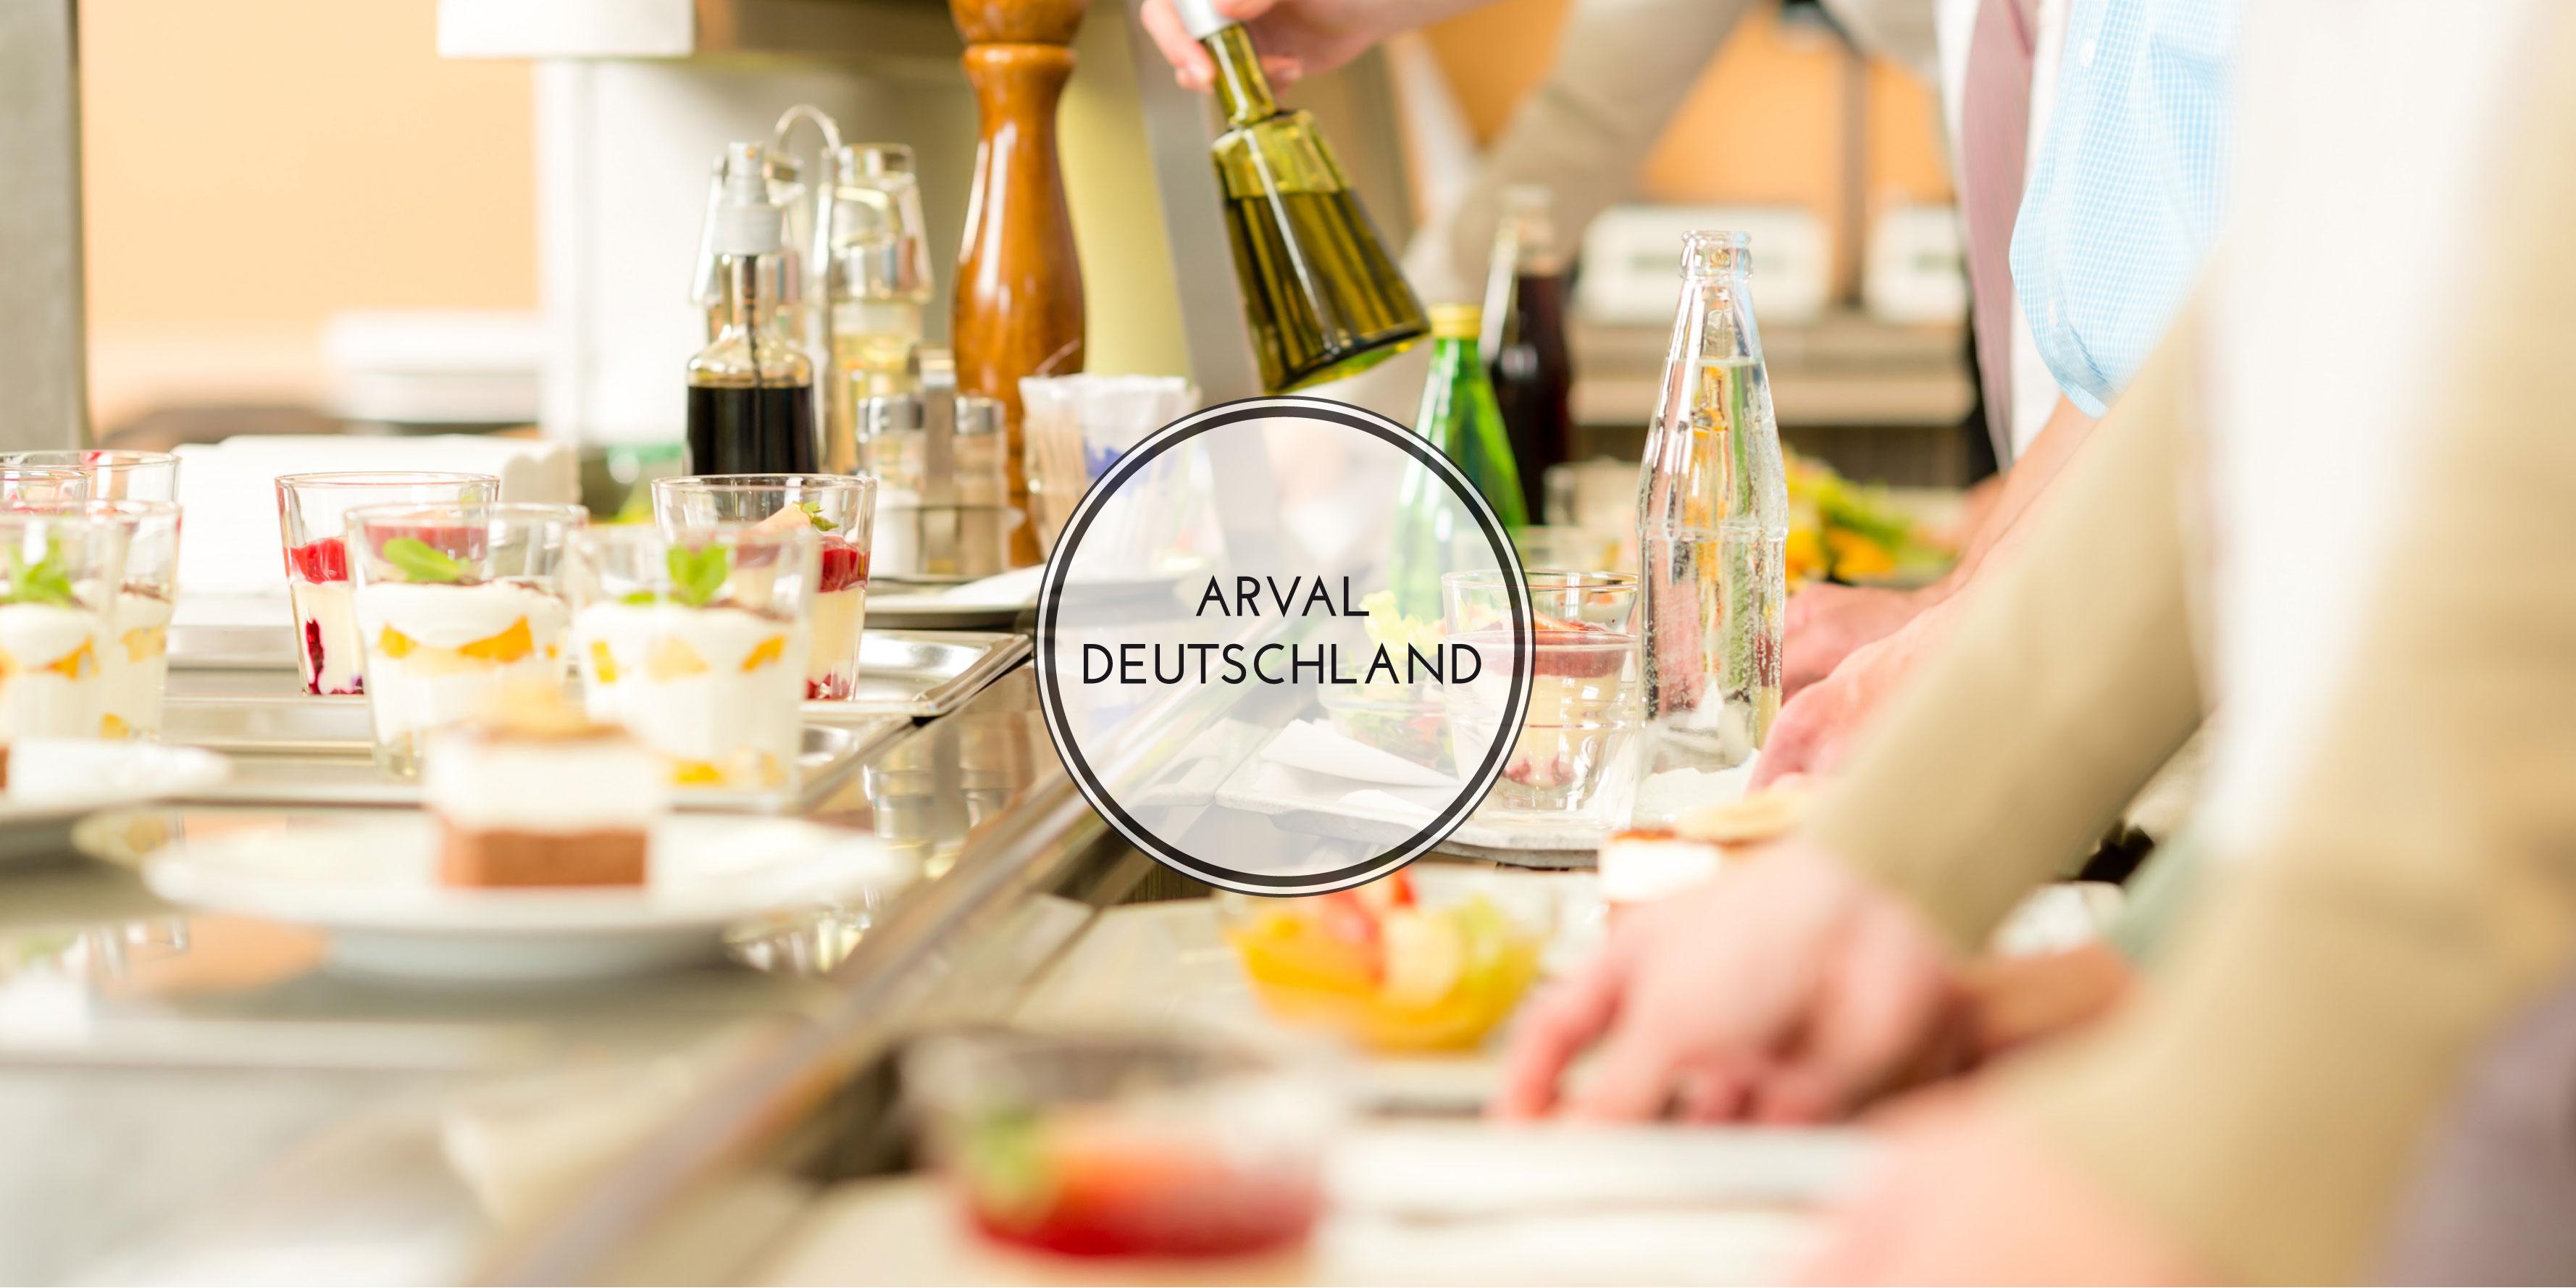 fruehauf-genuss-business-catering-arval-deutschland